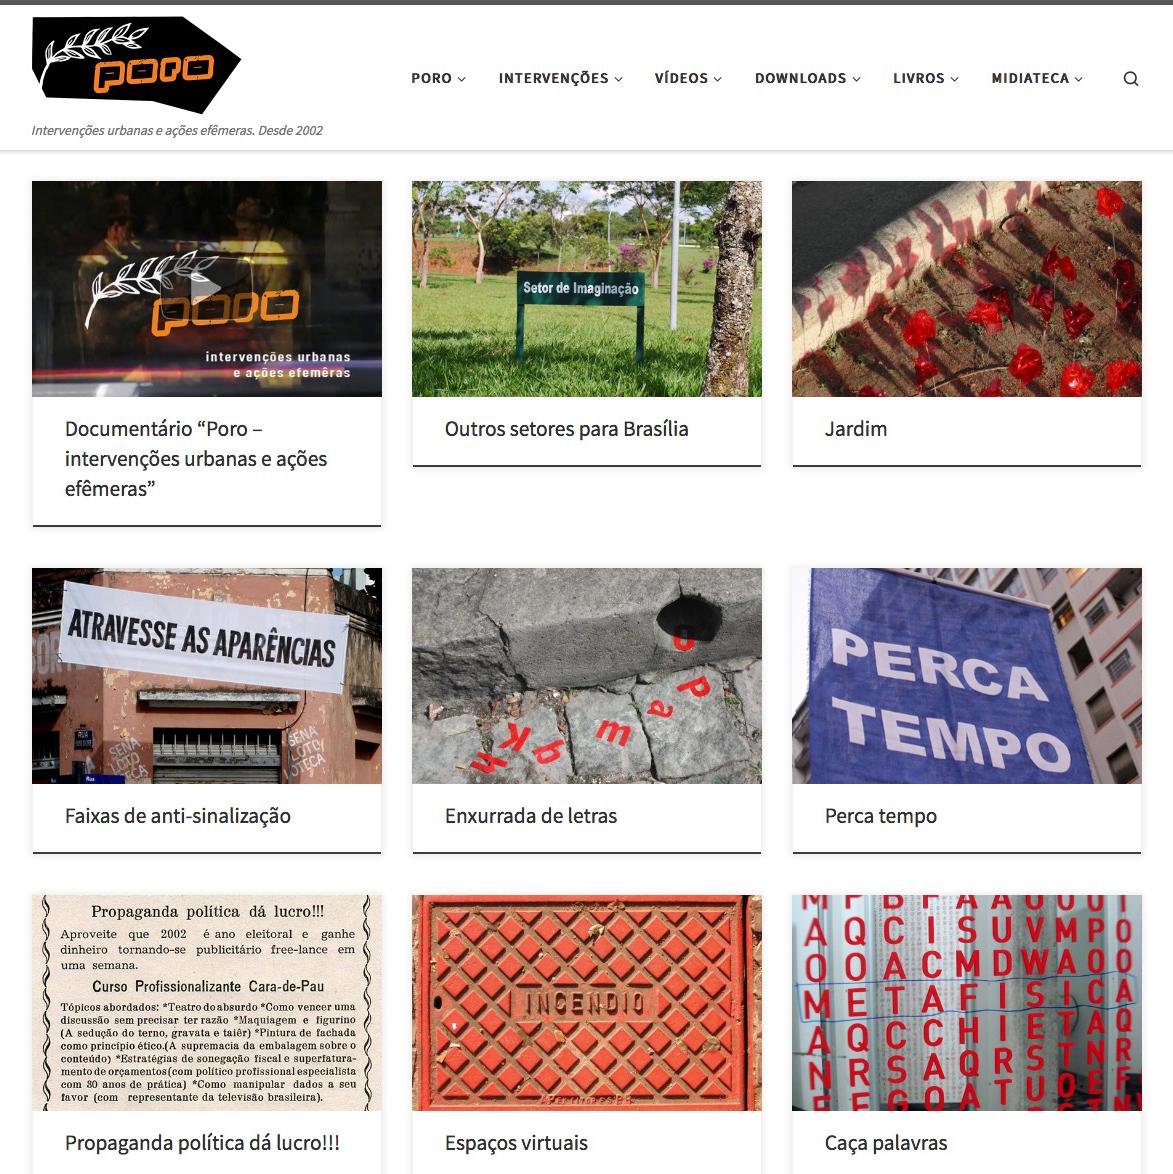 Novo site do Poro - intervenções urbanas e ações efêmeras